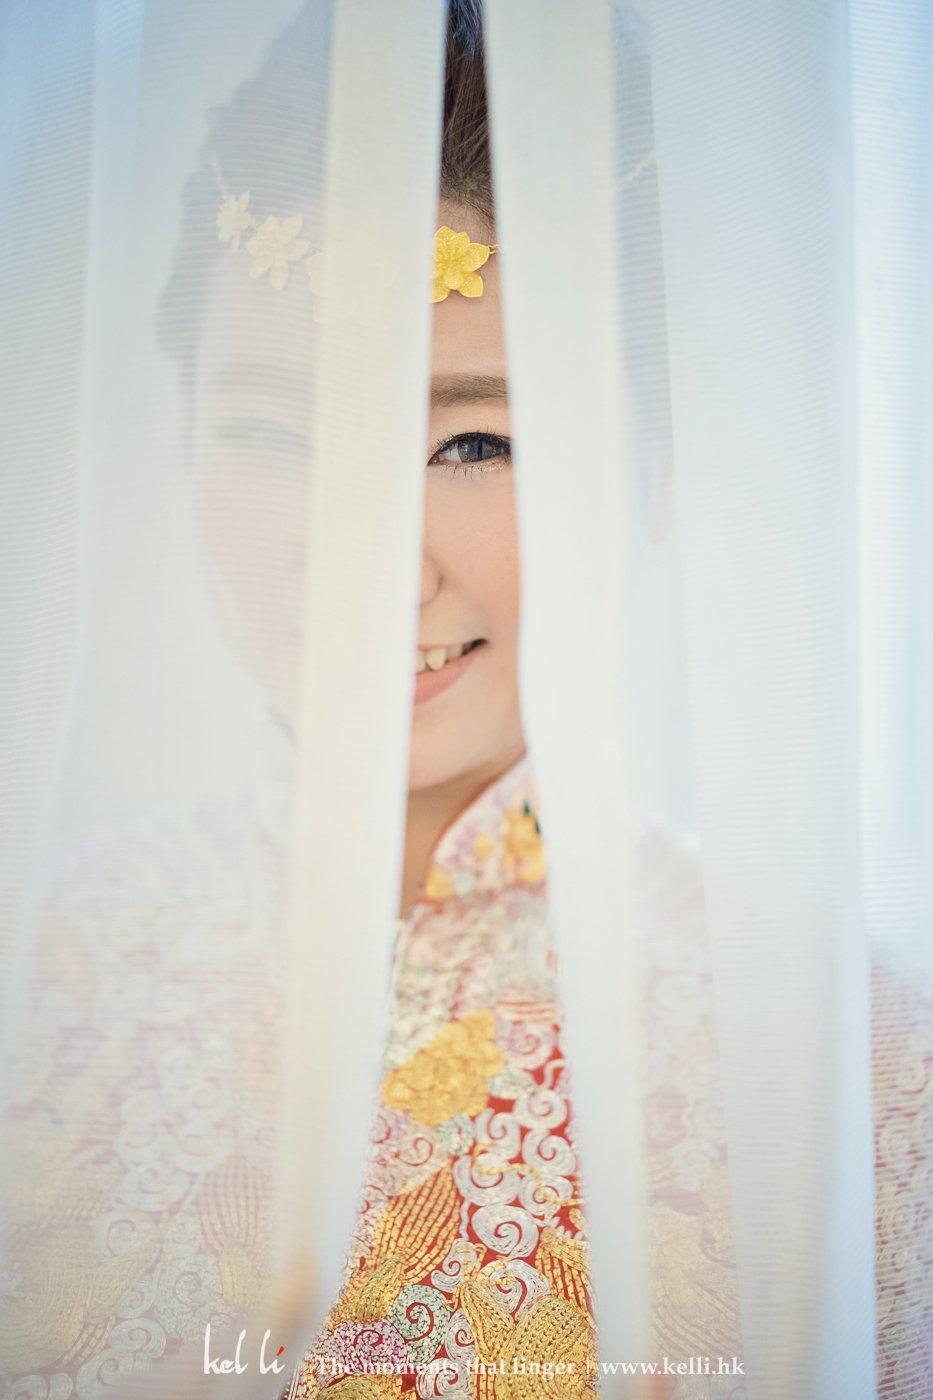 新娘有懂得笑的眼睛, 我們當然不會錯過